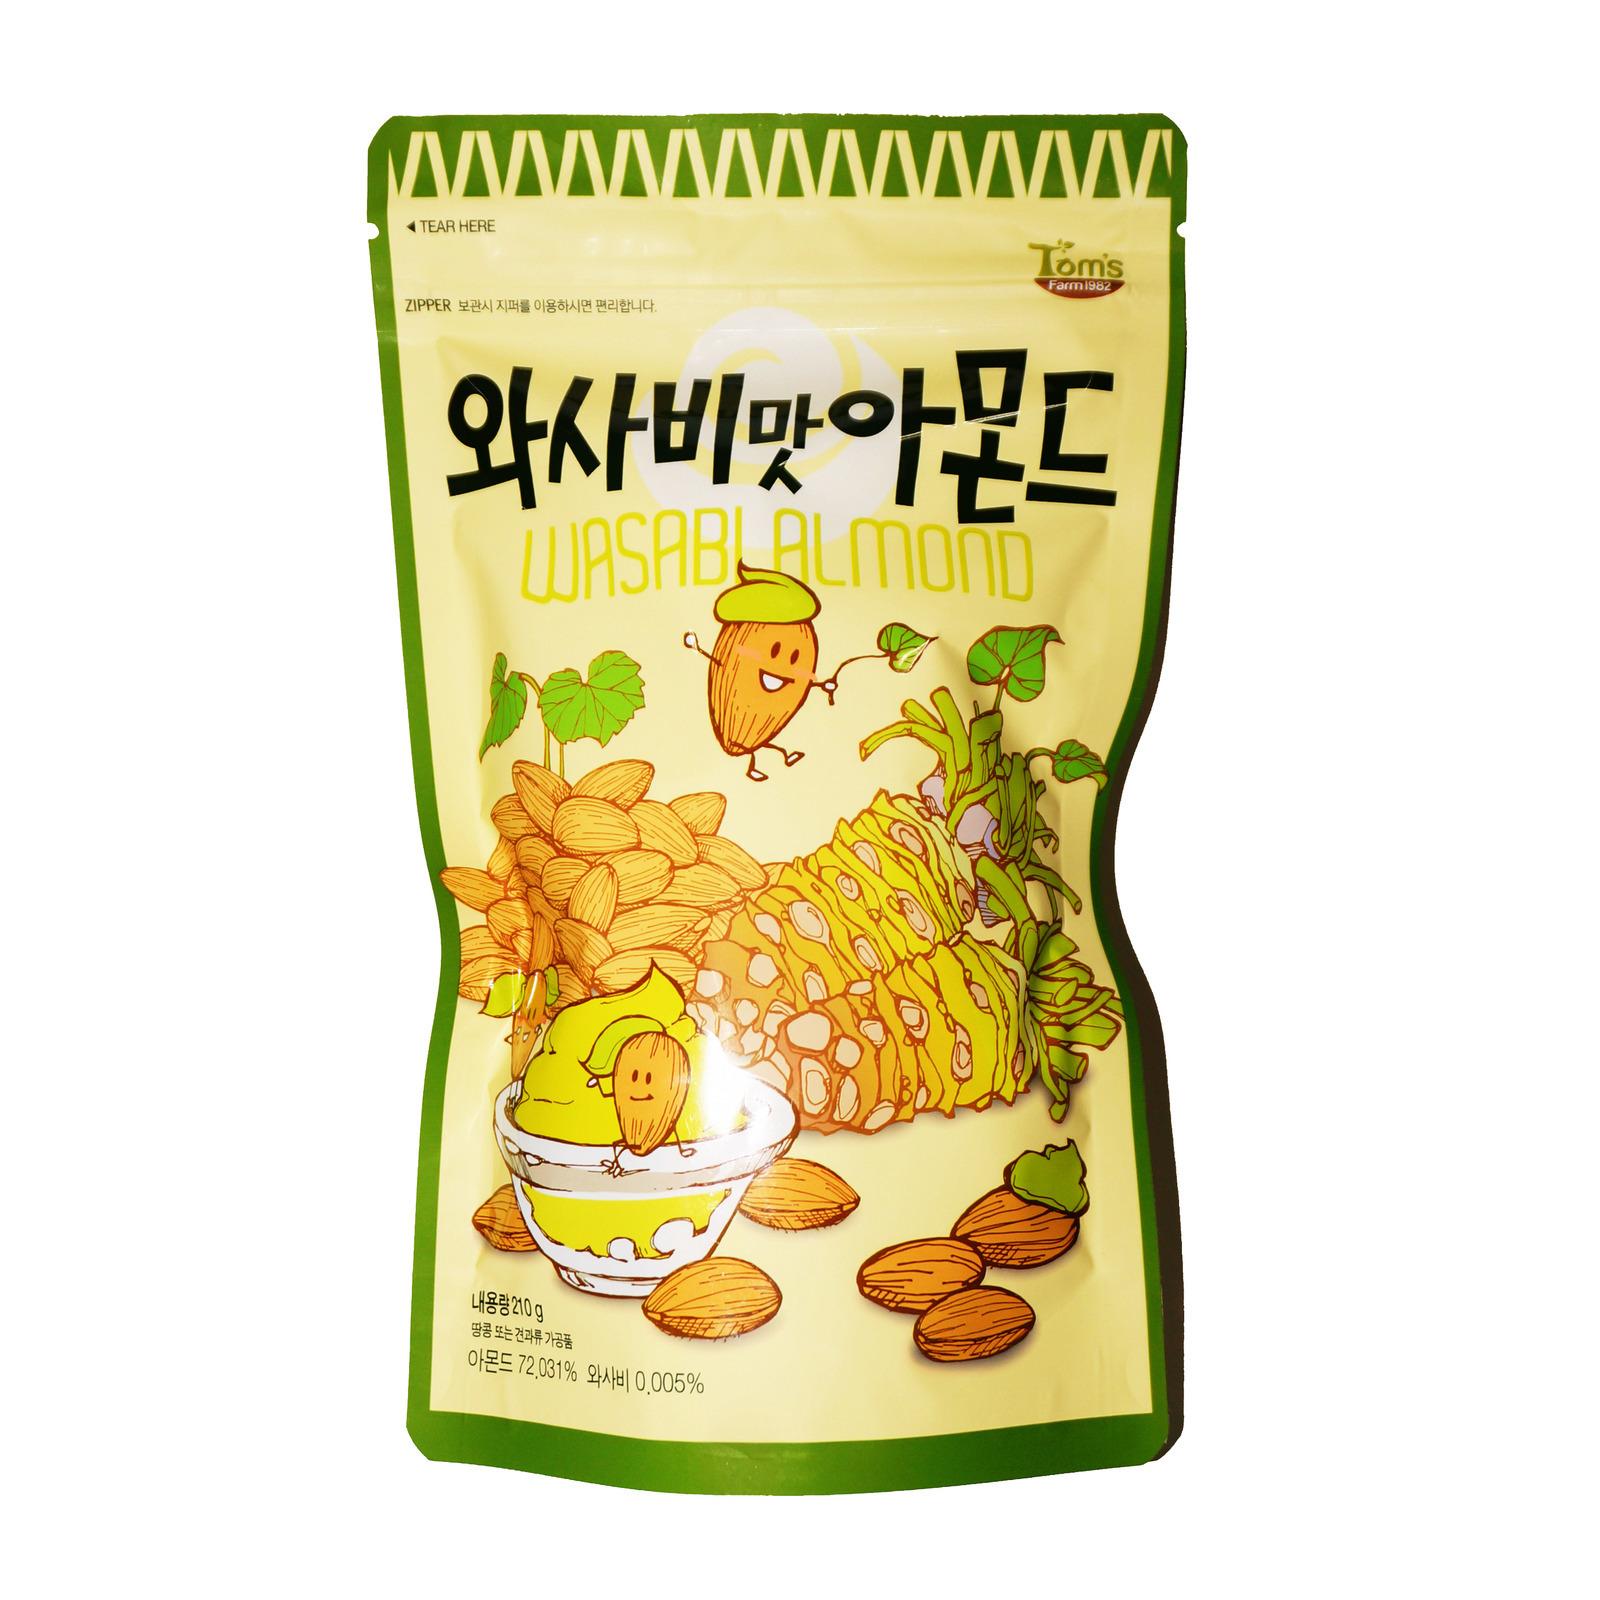 Tom's Farm Almond - Wasabi